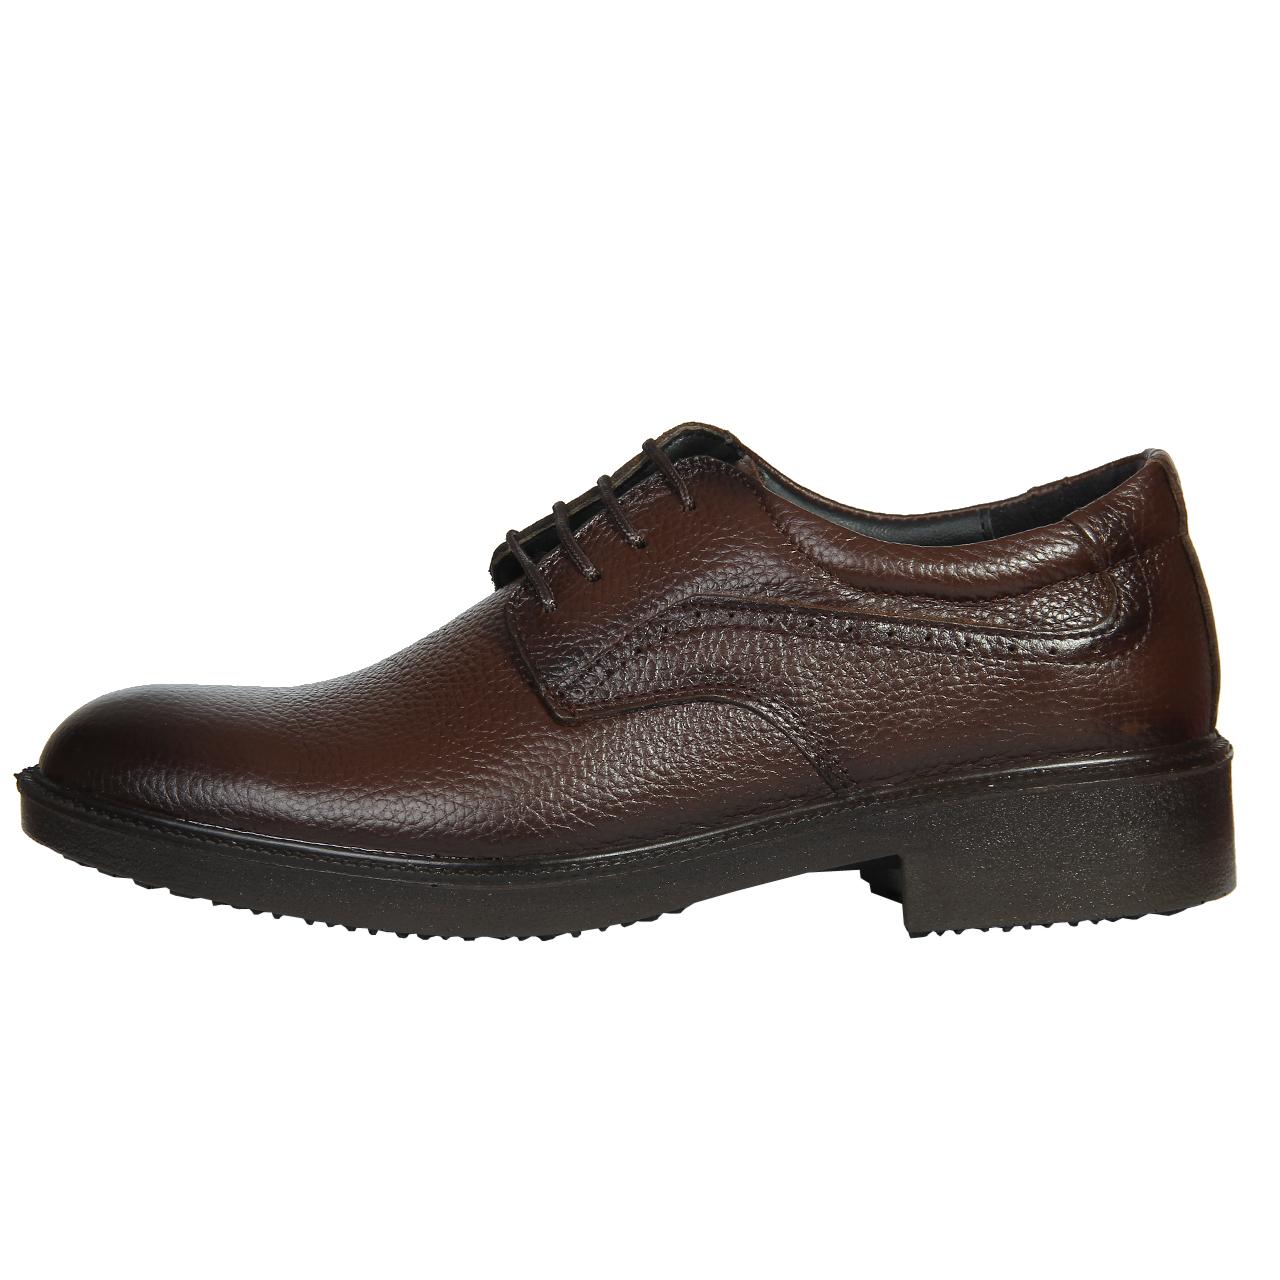 کفش مردانه رخشی کد 005 -  - 2